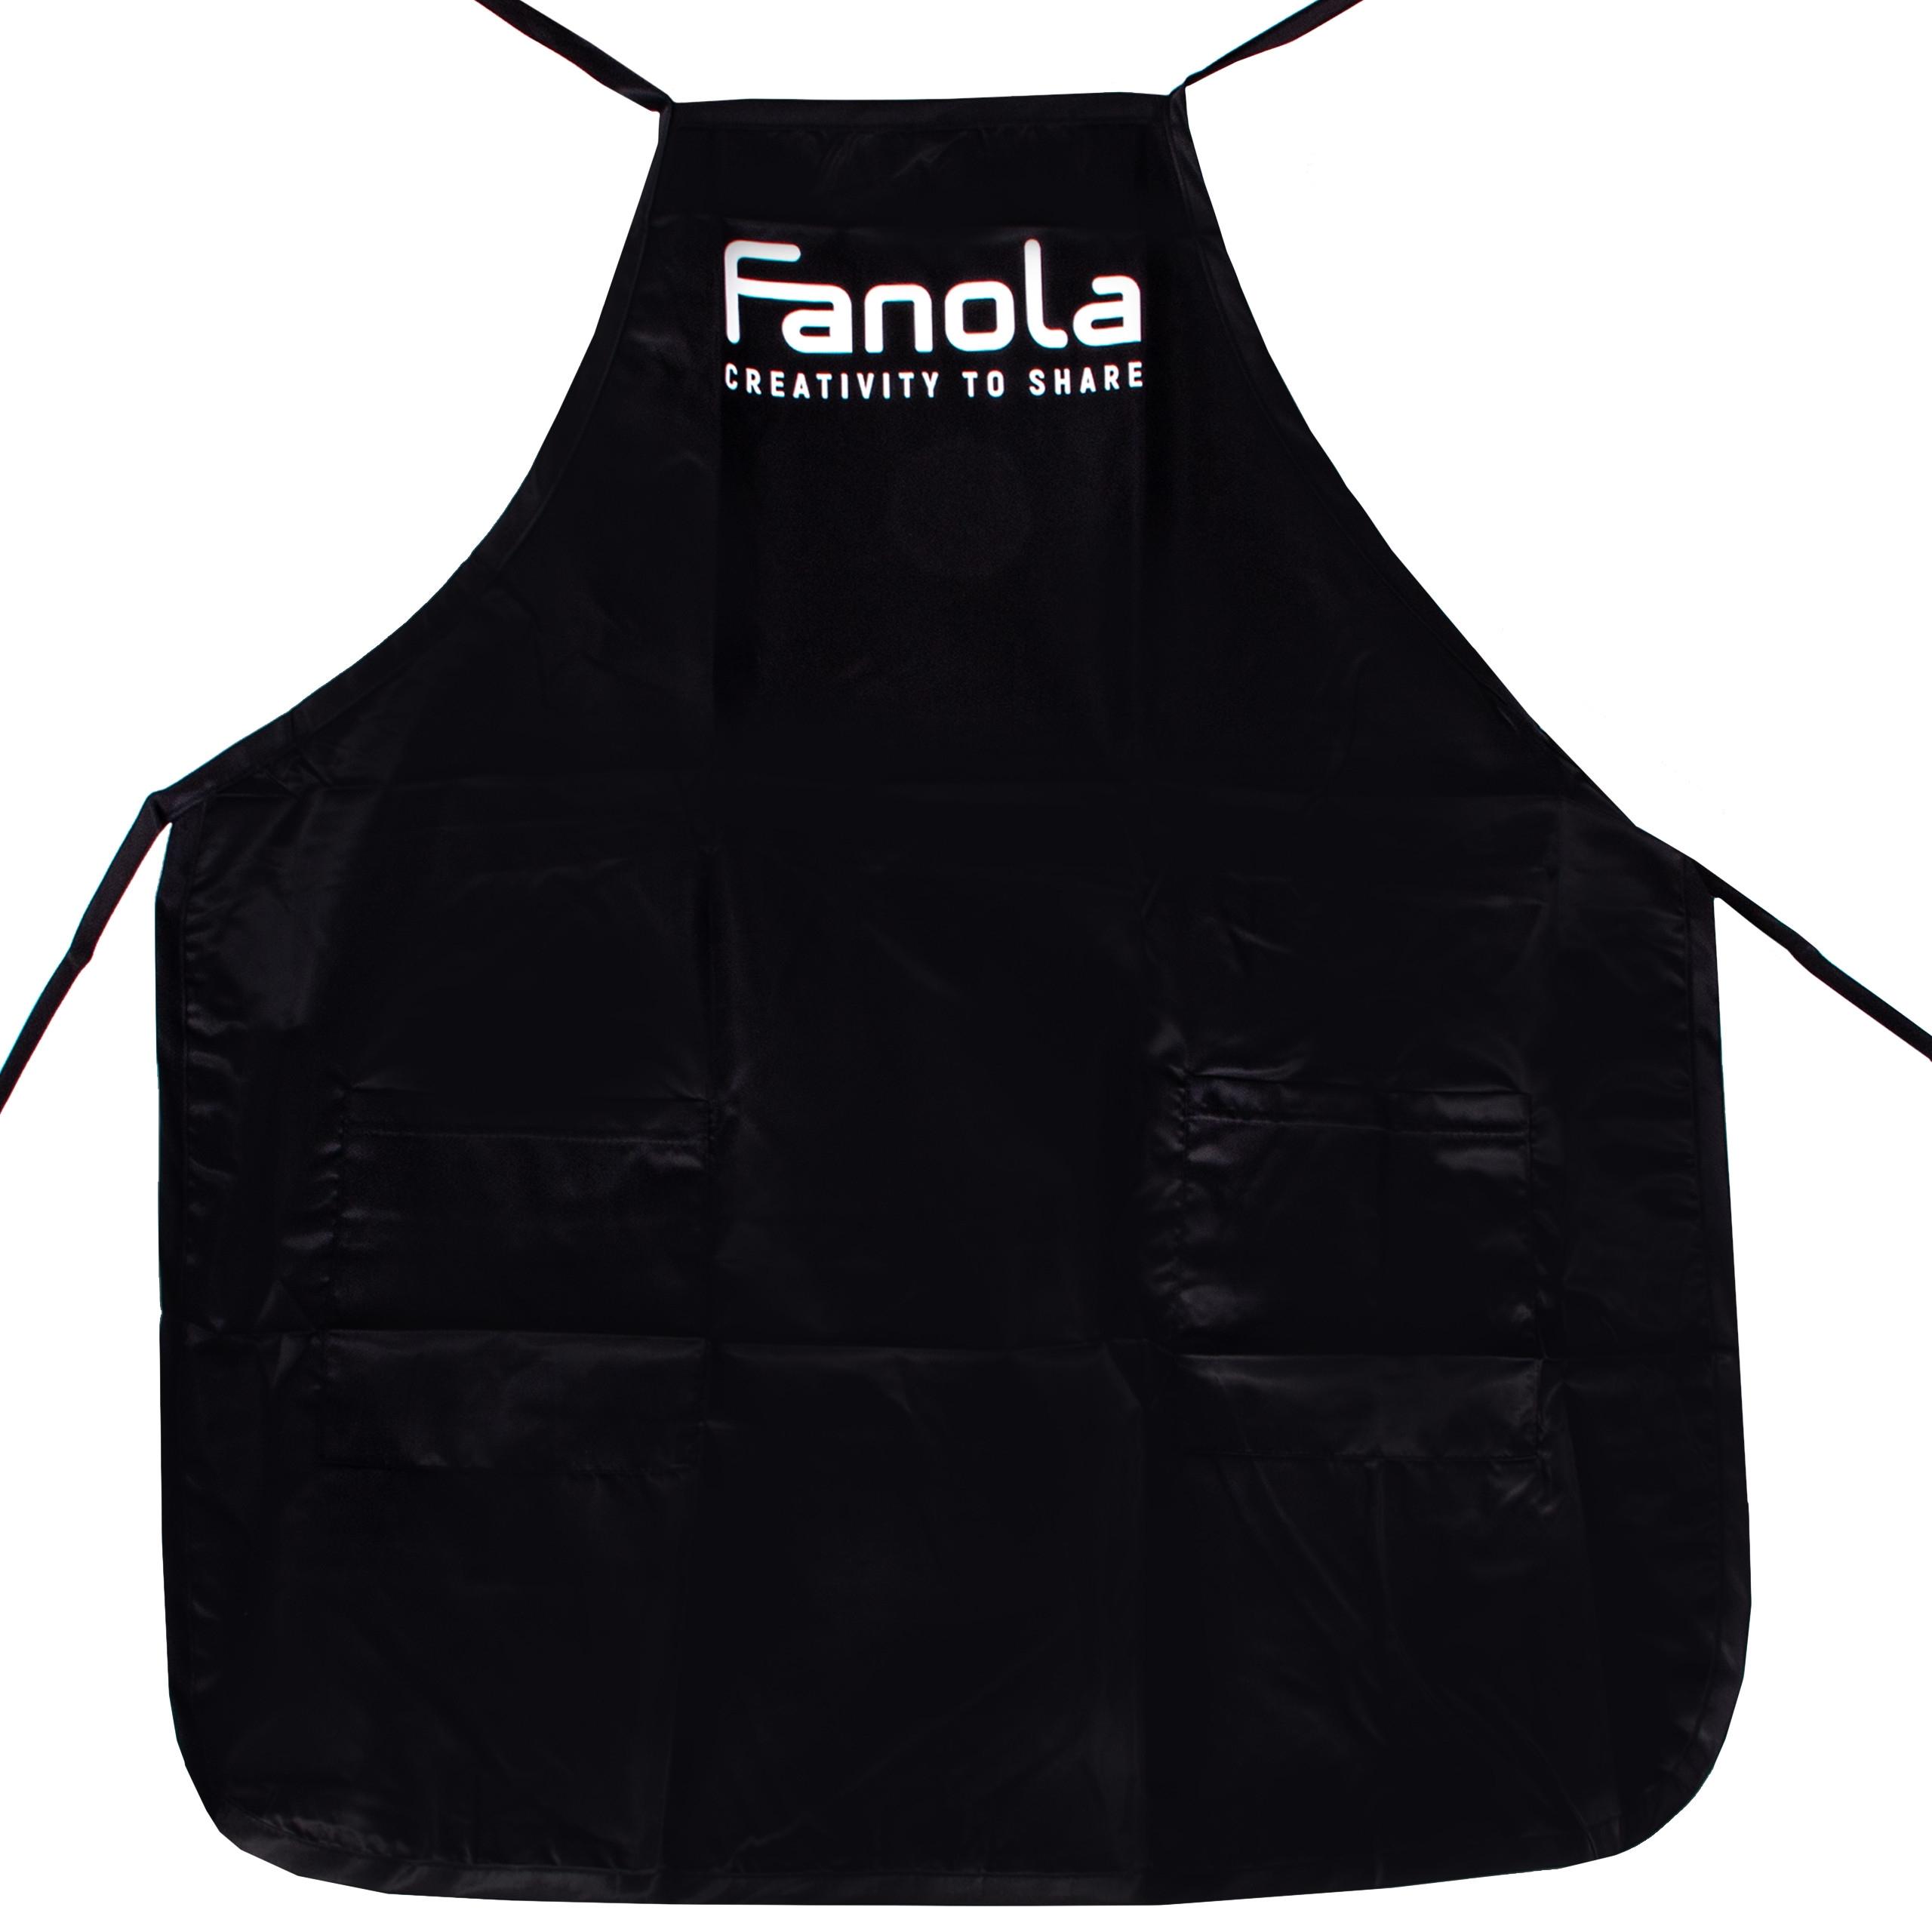 Image of Fanola fartuch fryzjerski - profesjonalny czarny fartuch z dwiema kieszonkami